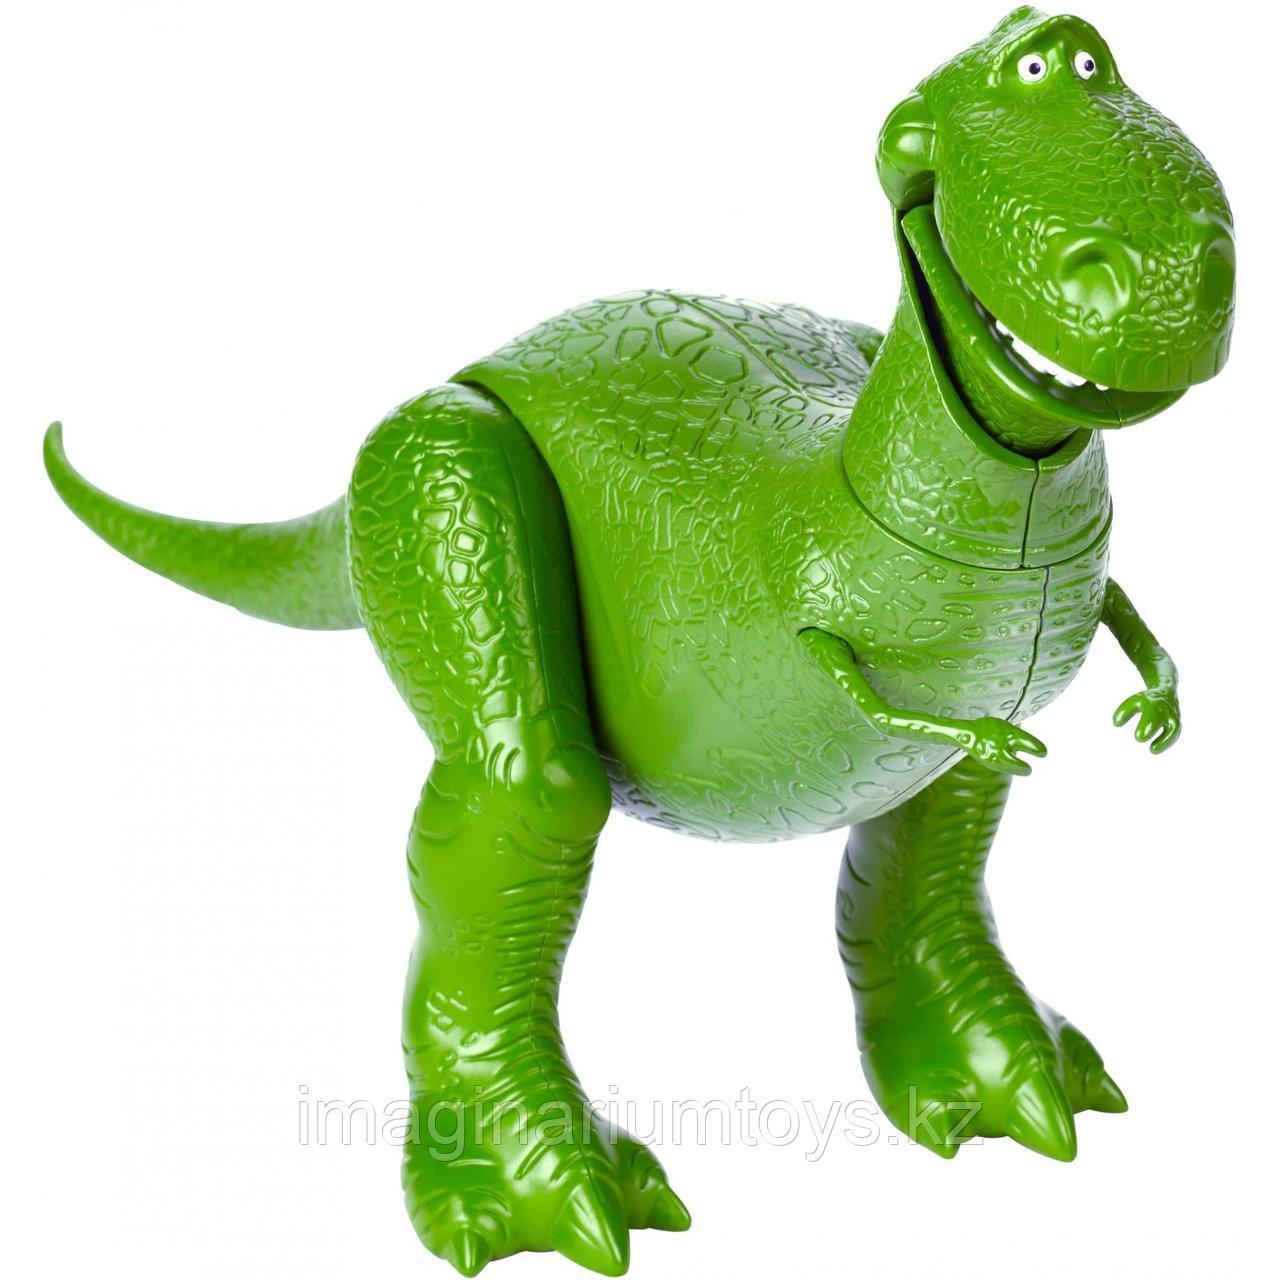 Рекс динозавр из м/ф «История игрушек»